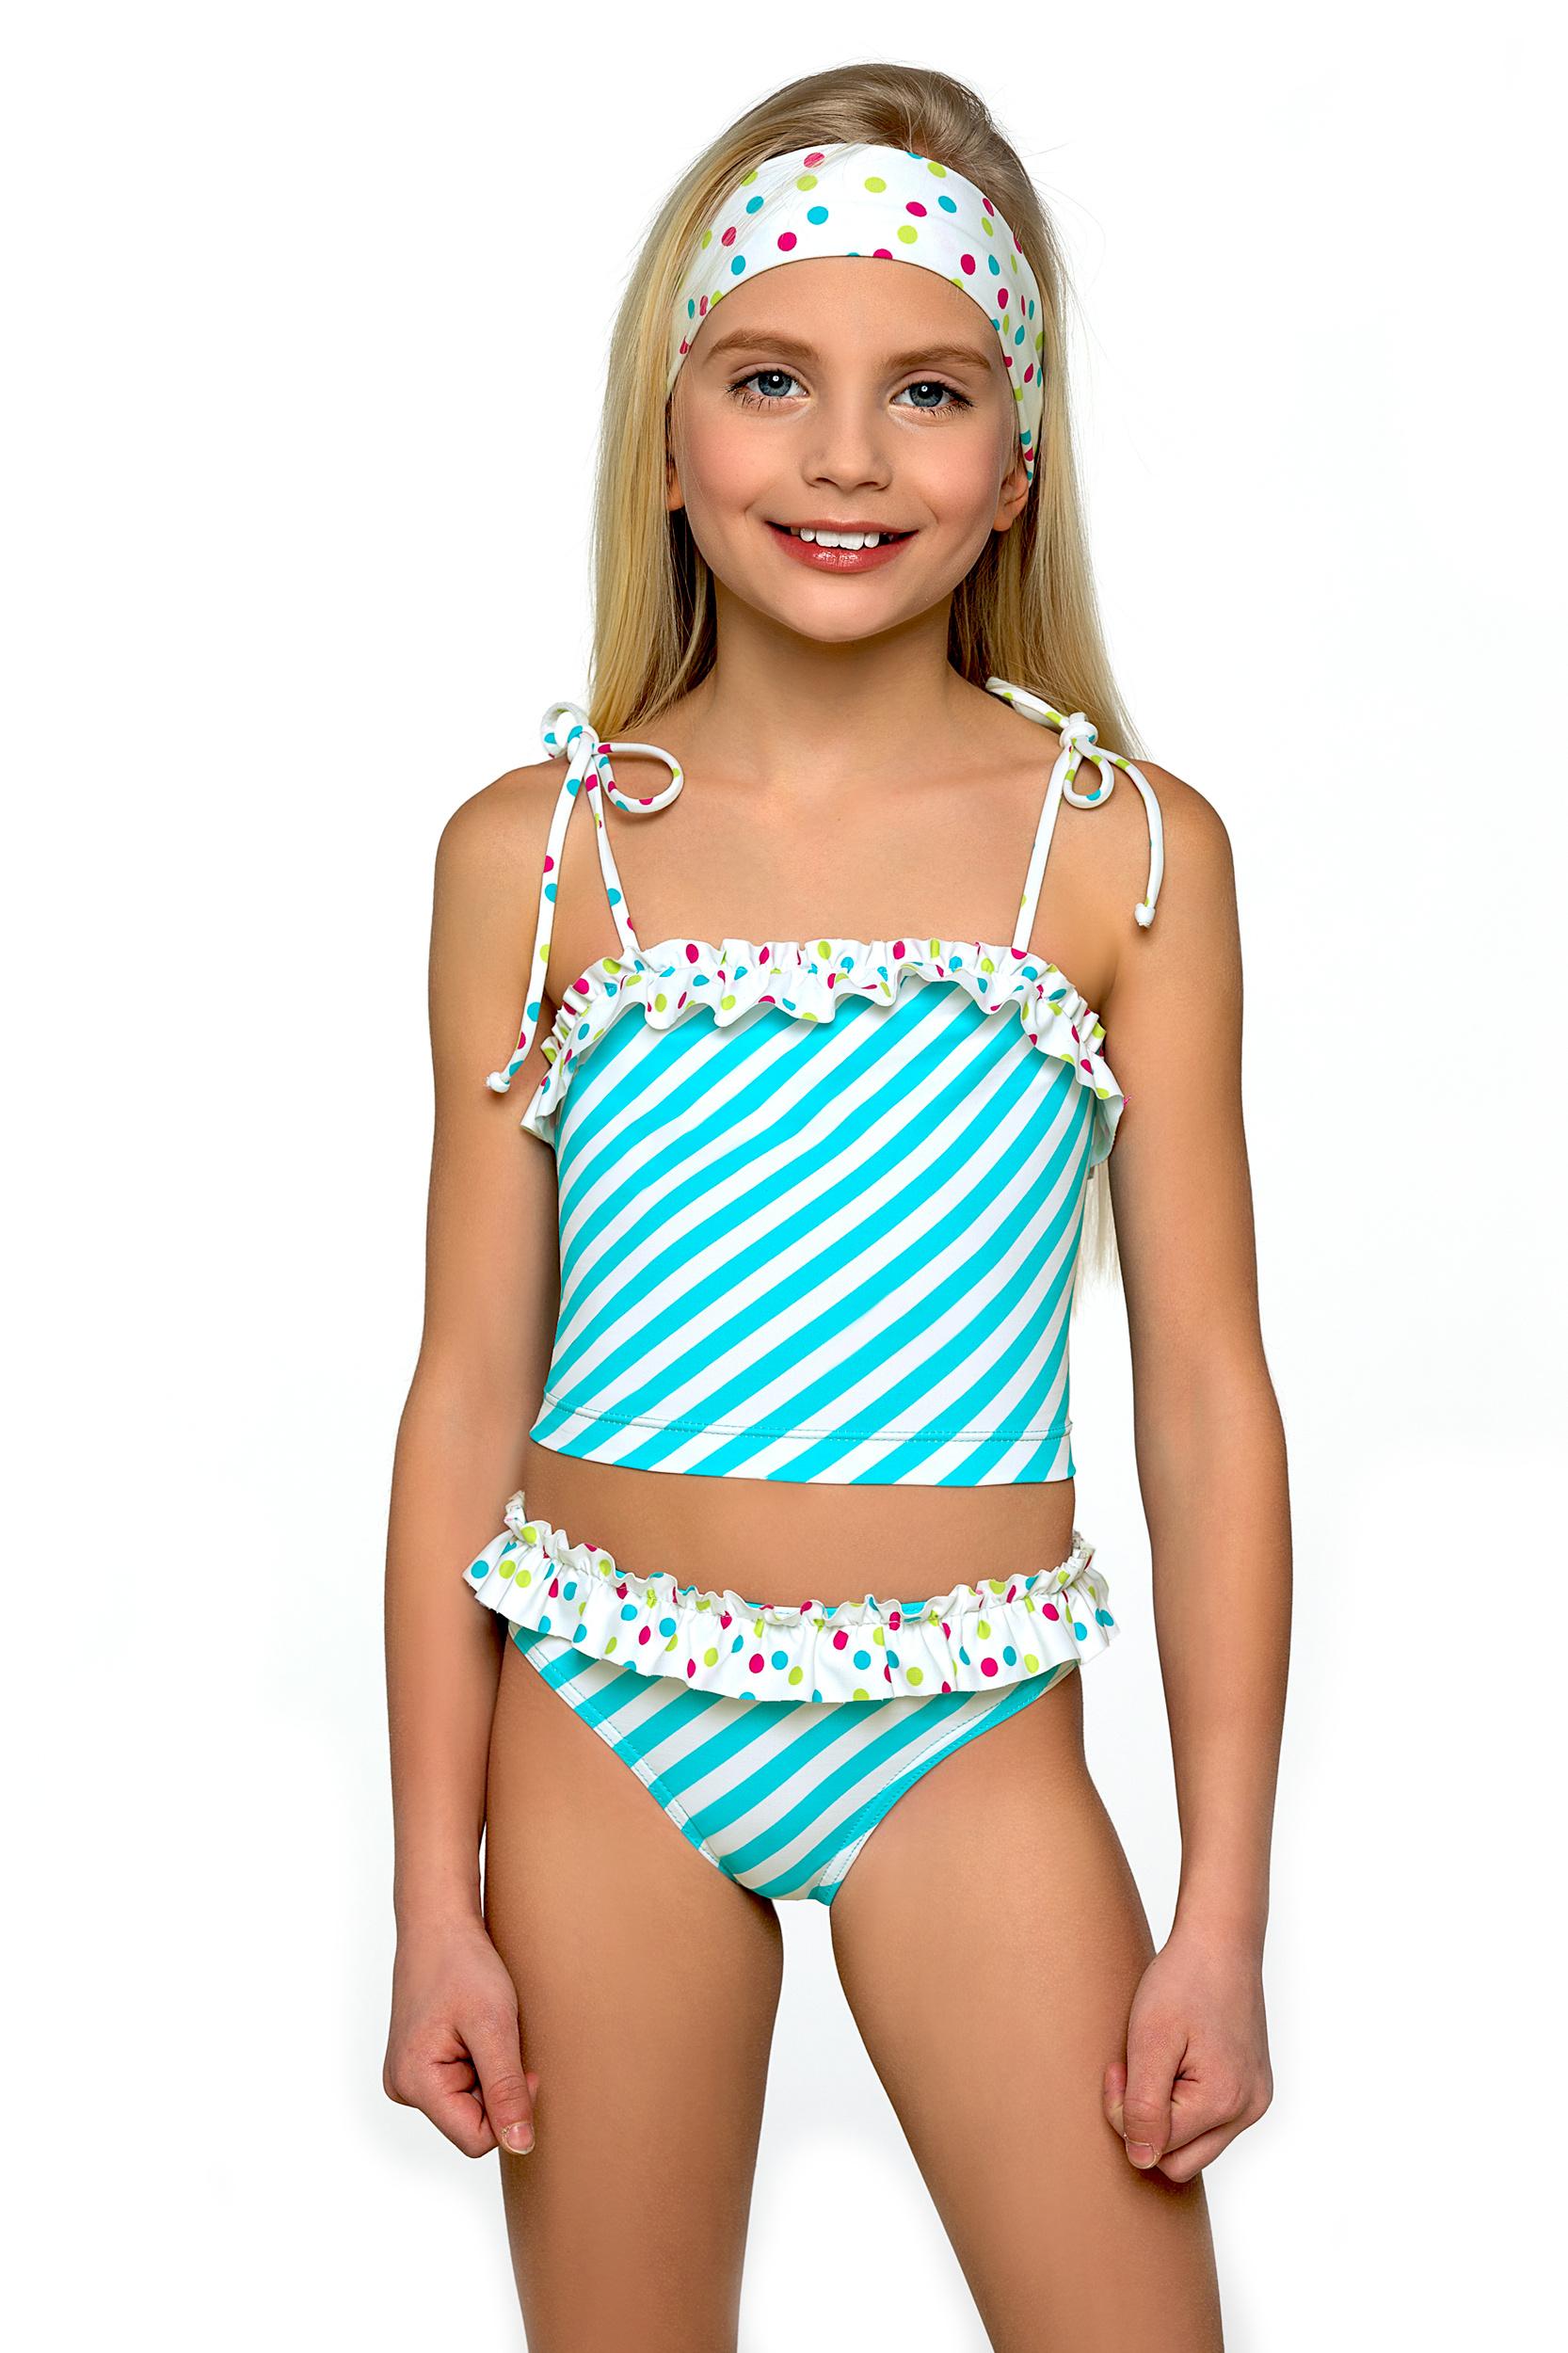 Plavky dívčí Adélka tyrkysovo bílé